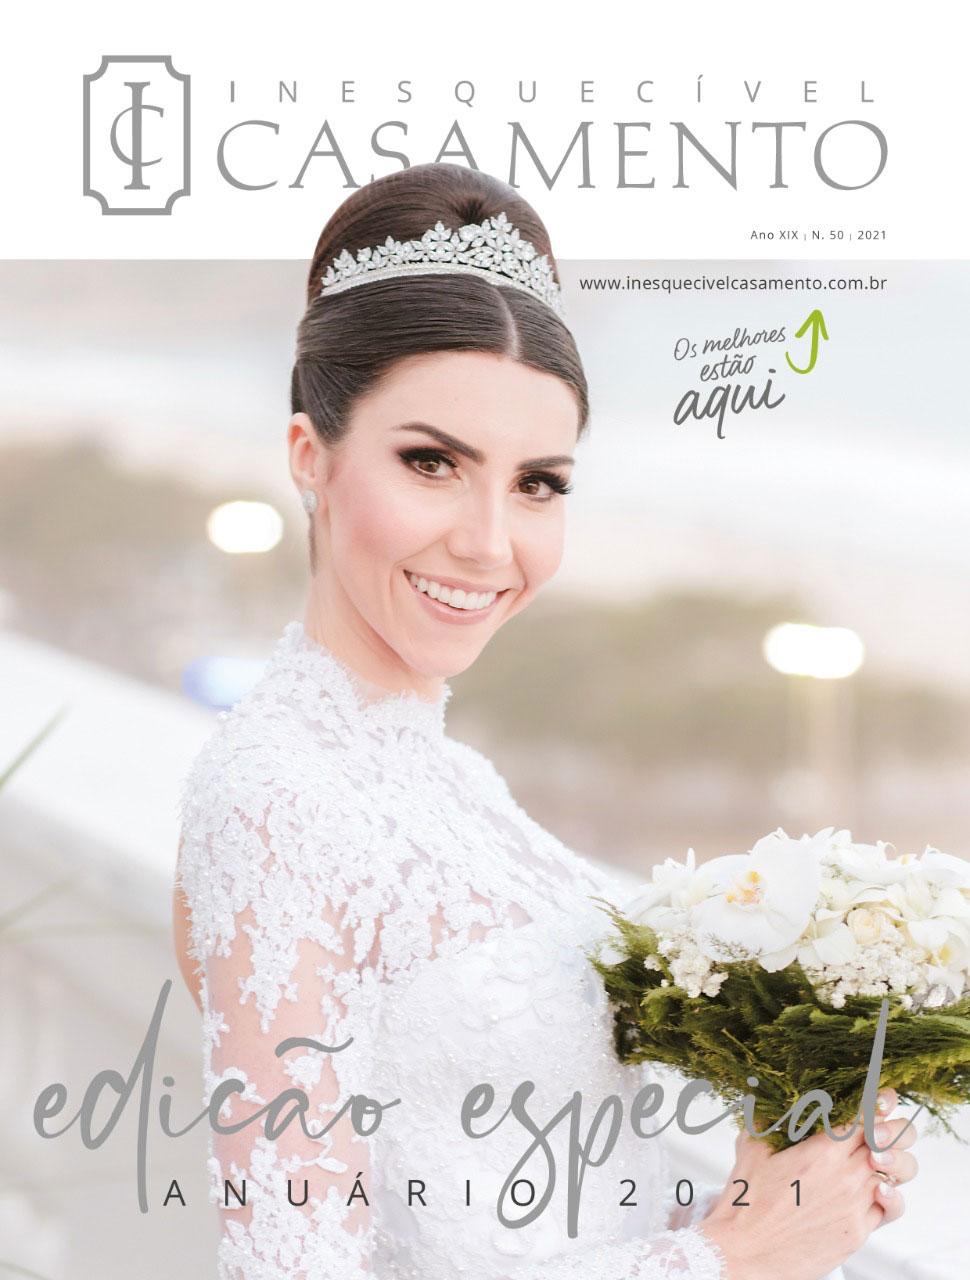 Inesquecível Casamento RJ – Ed. 50 – Edição Especial Anuário 2021